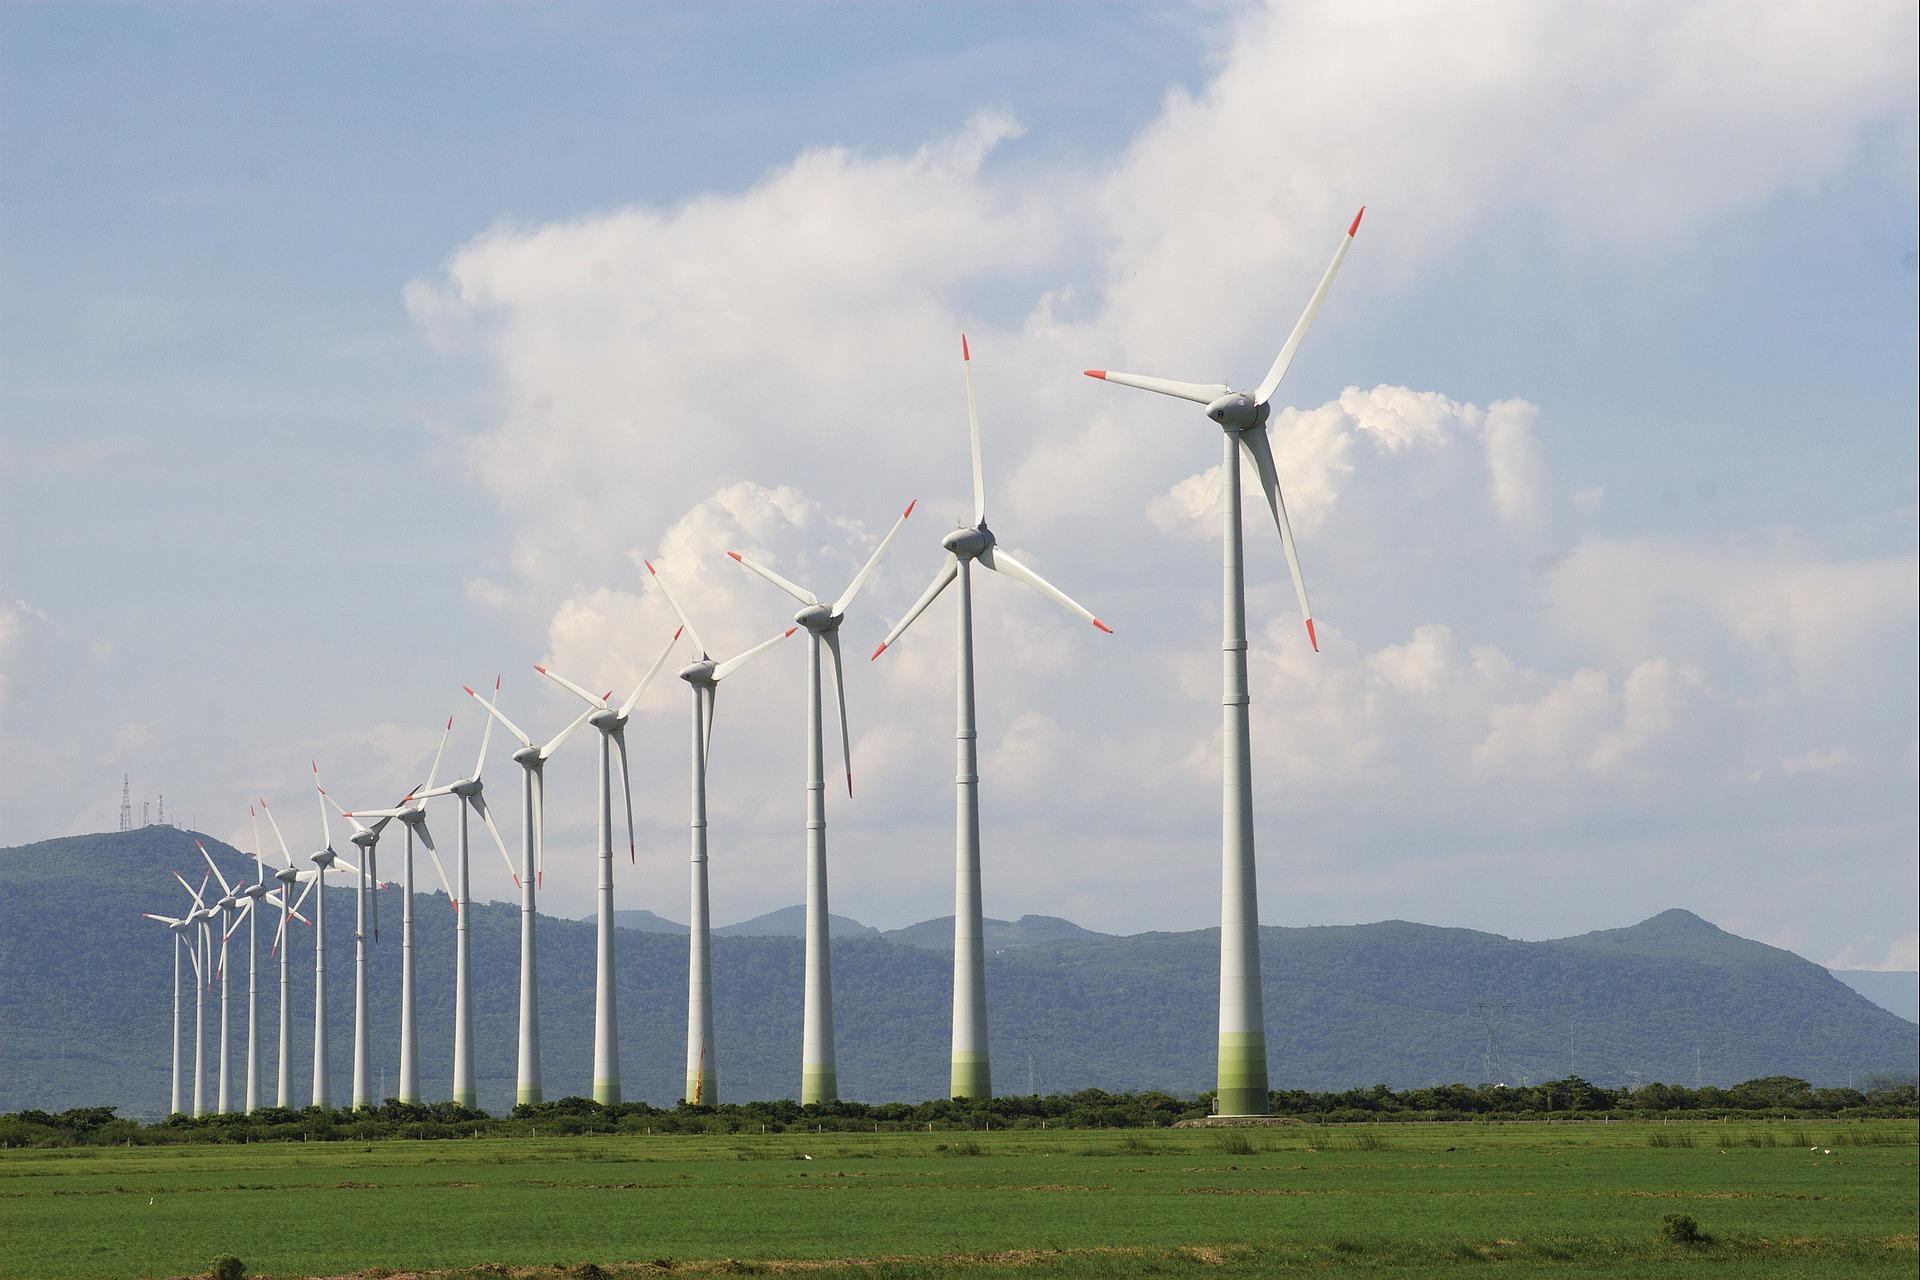 osorio-wind-farm-1403824_1920